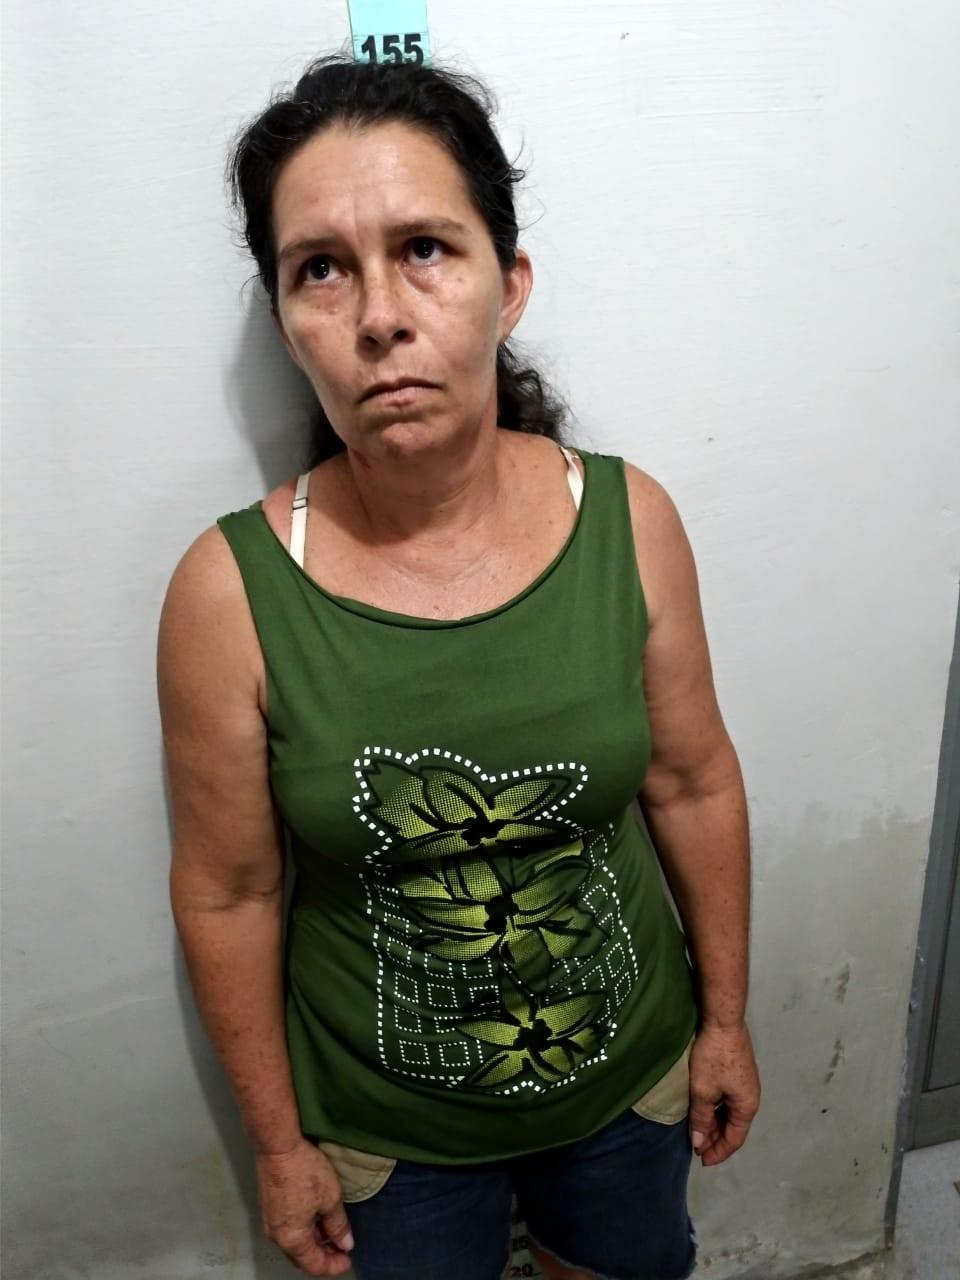 Polícia prende mulher suspeita de assassinar o marido no Maranhão - Notícias - Plantão Diário